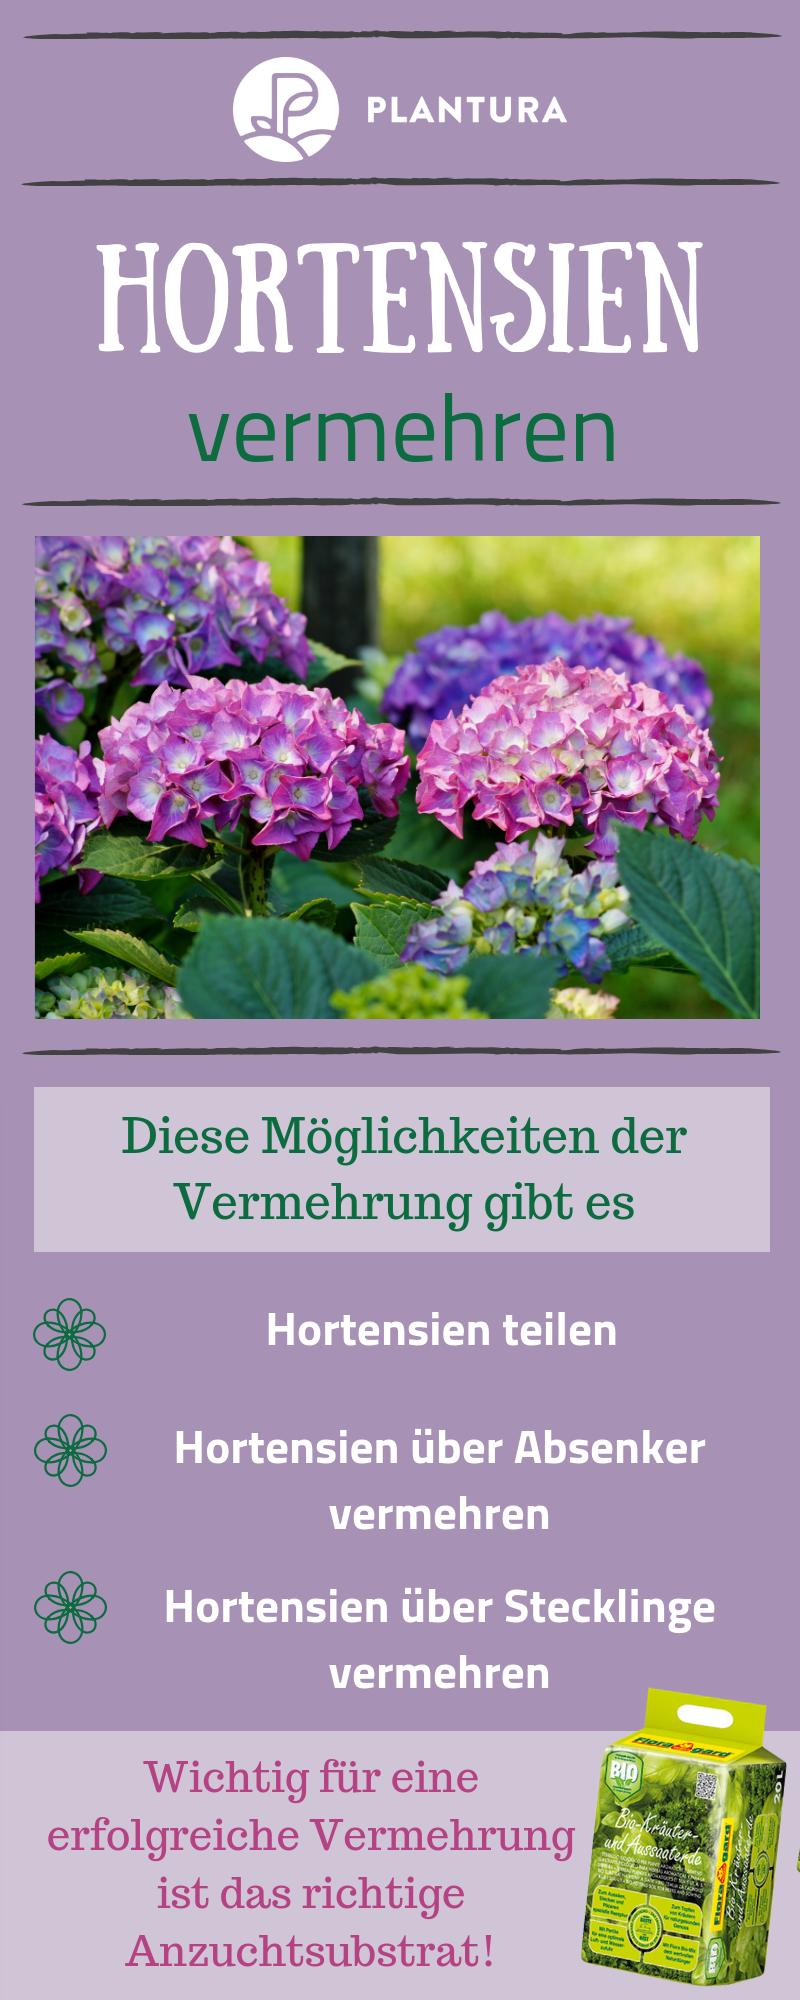 Hortensien vermehren: Ableger und Stecklinge